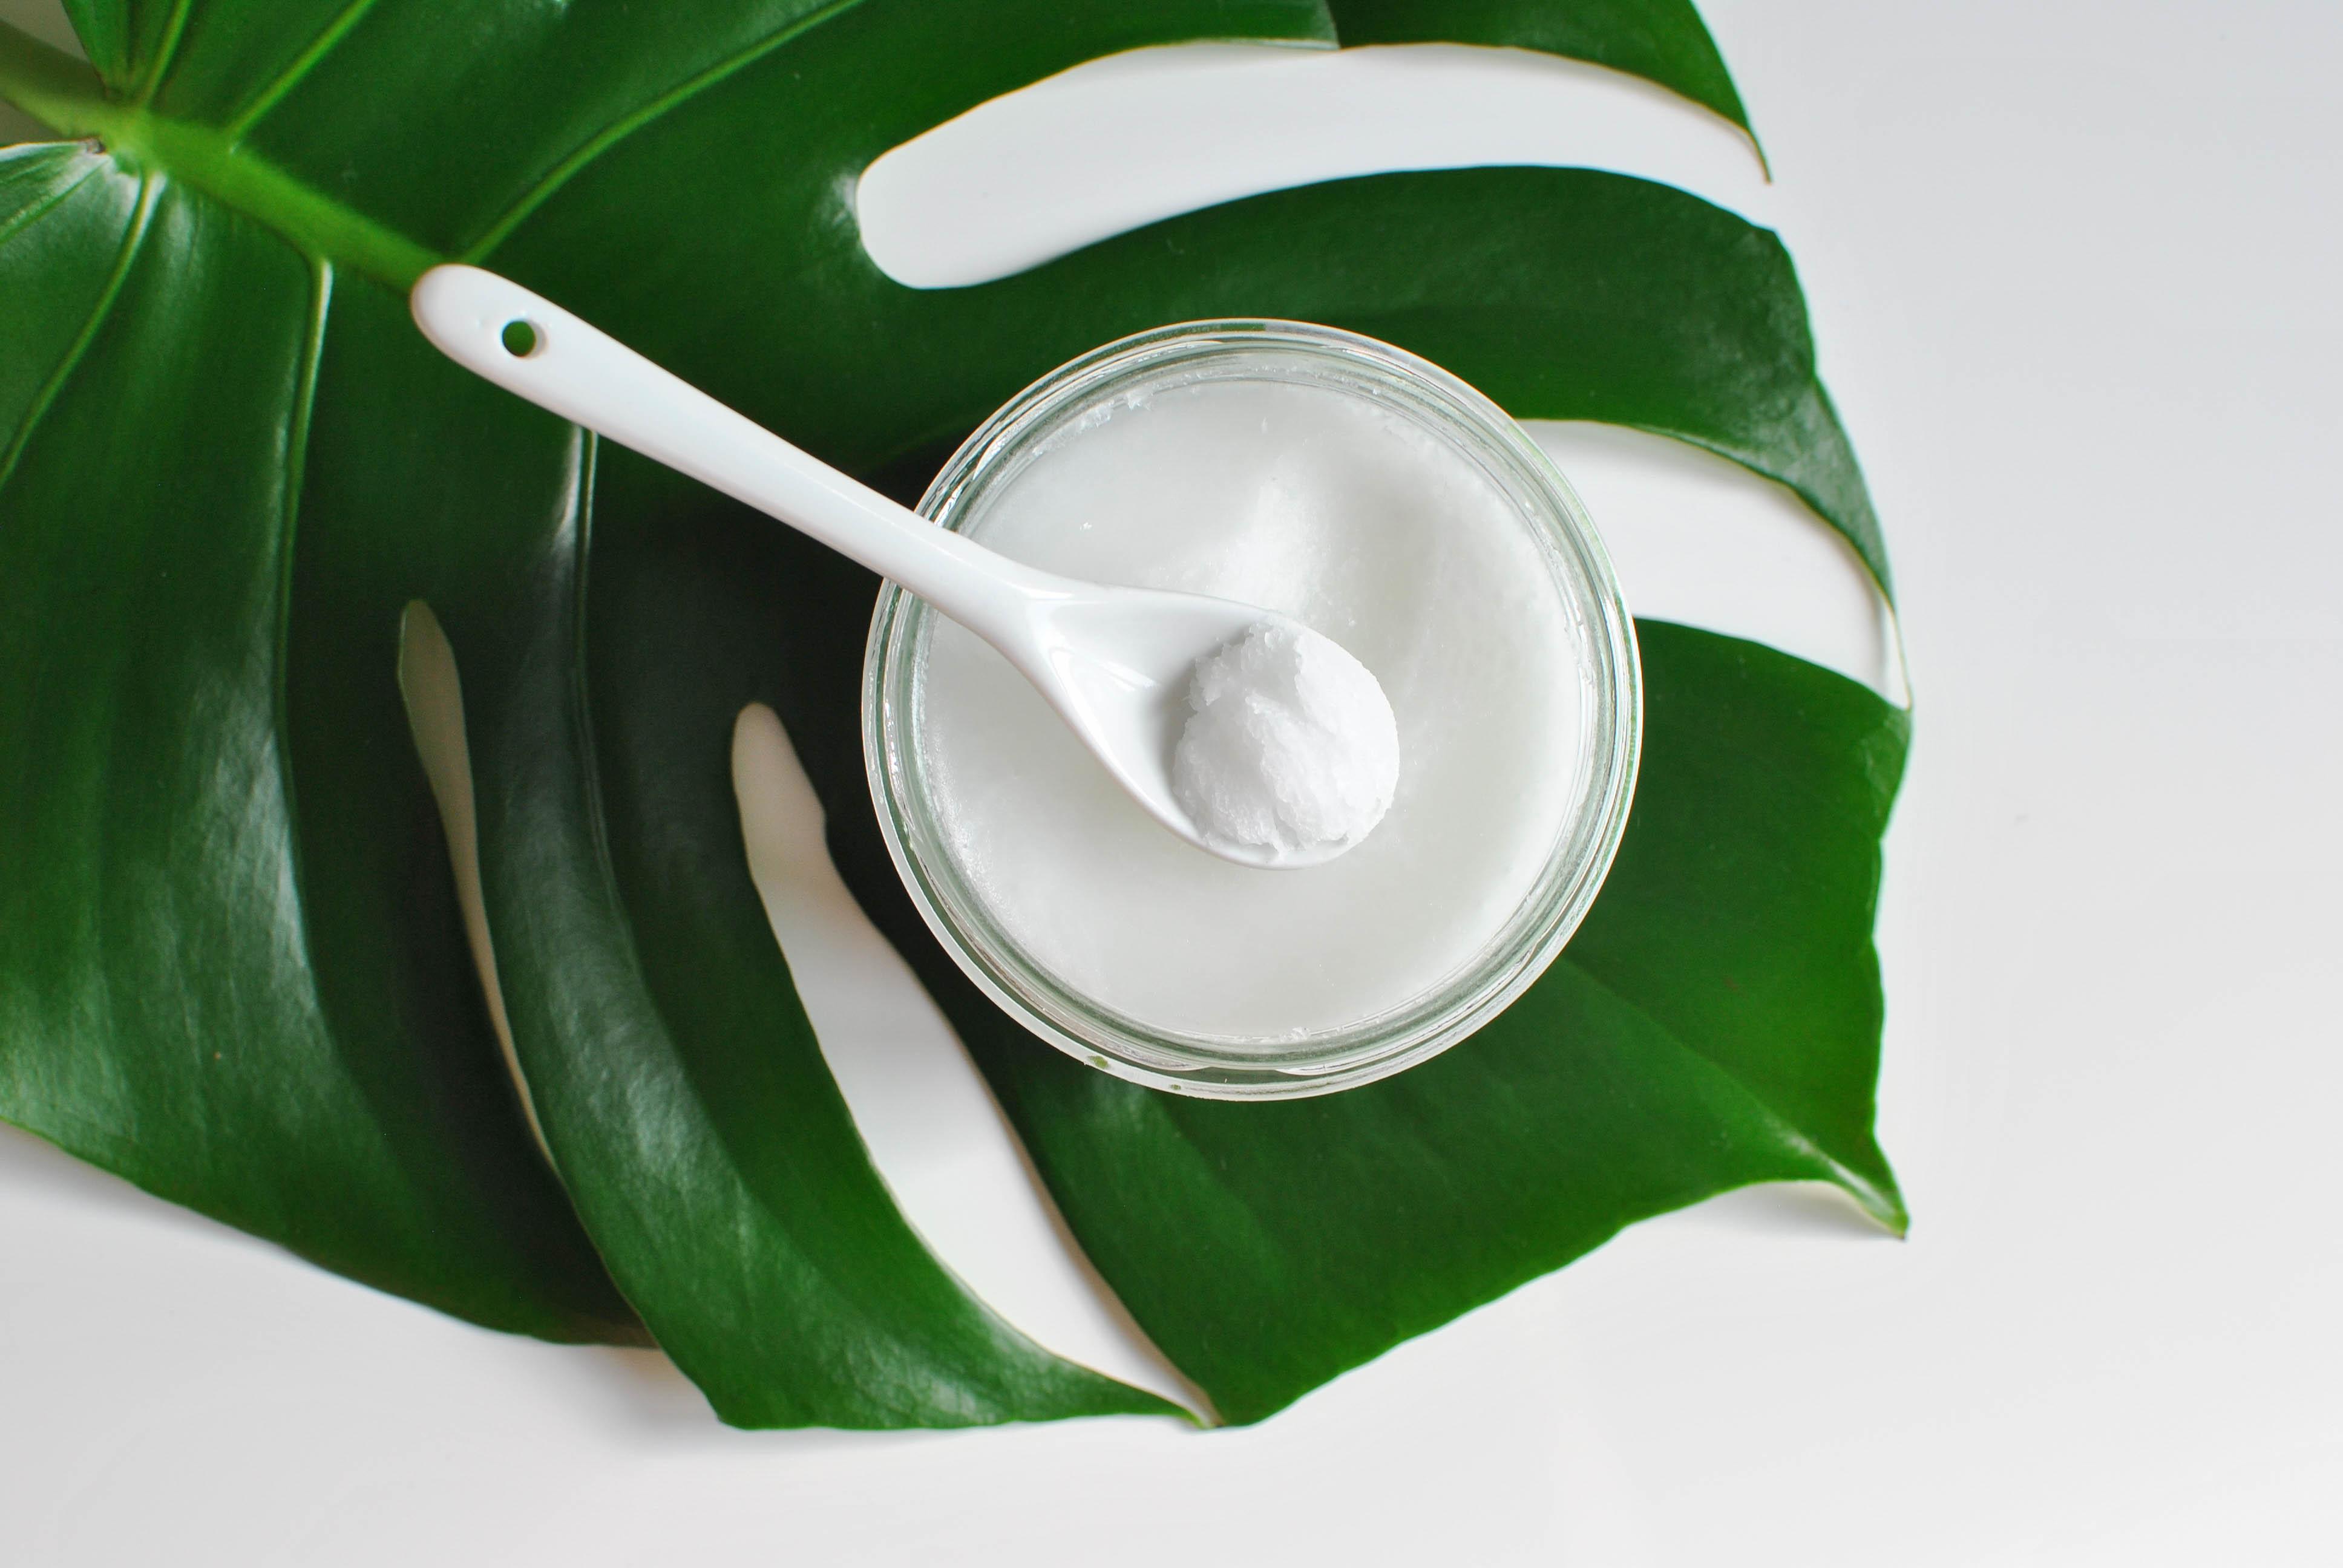 huile de coco mes 6 utilisations beauté le petit monde d'elodie beauty